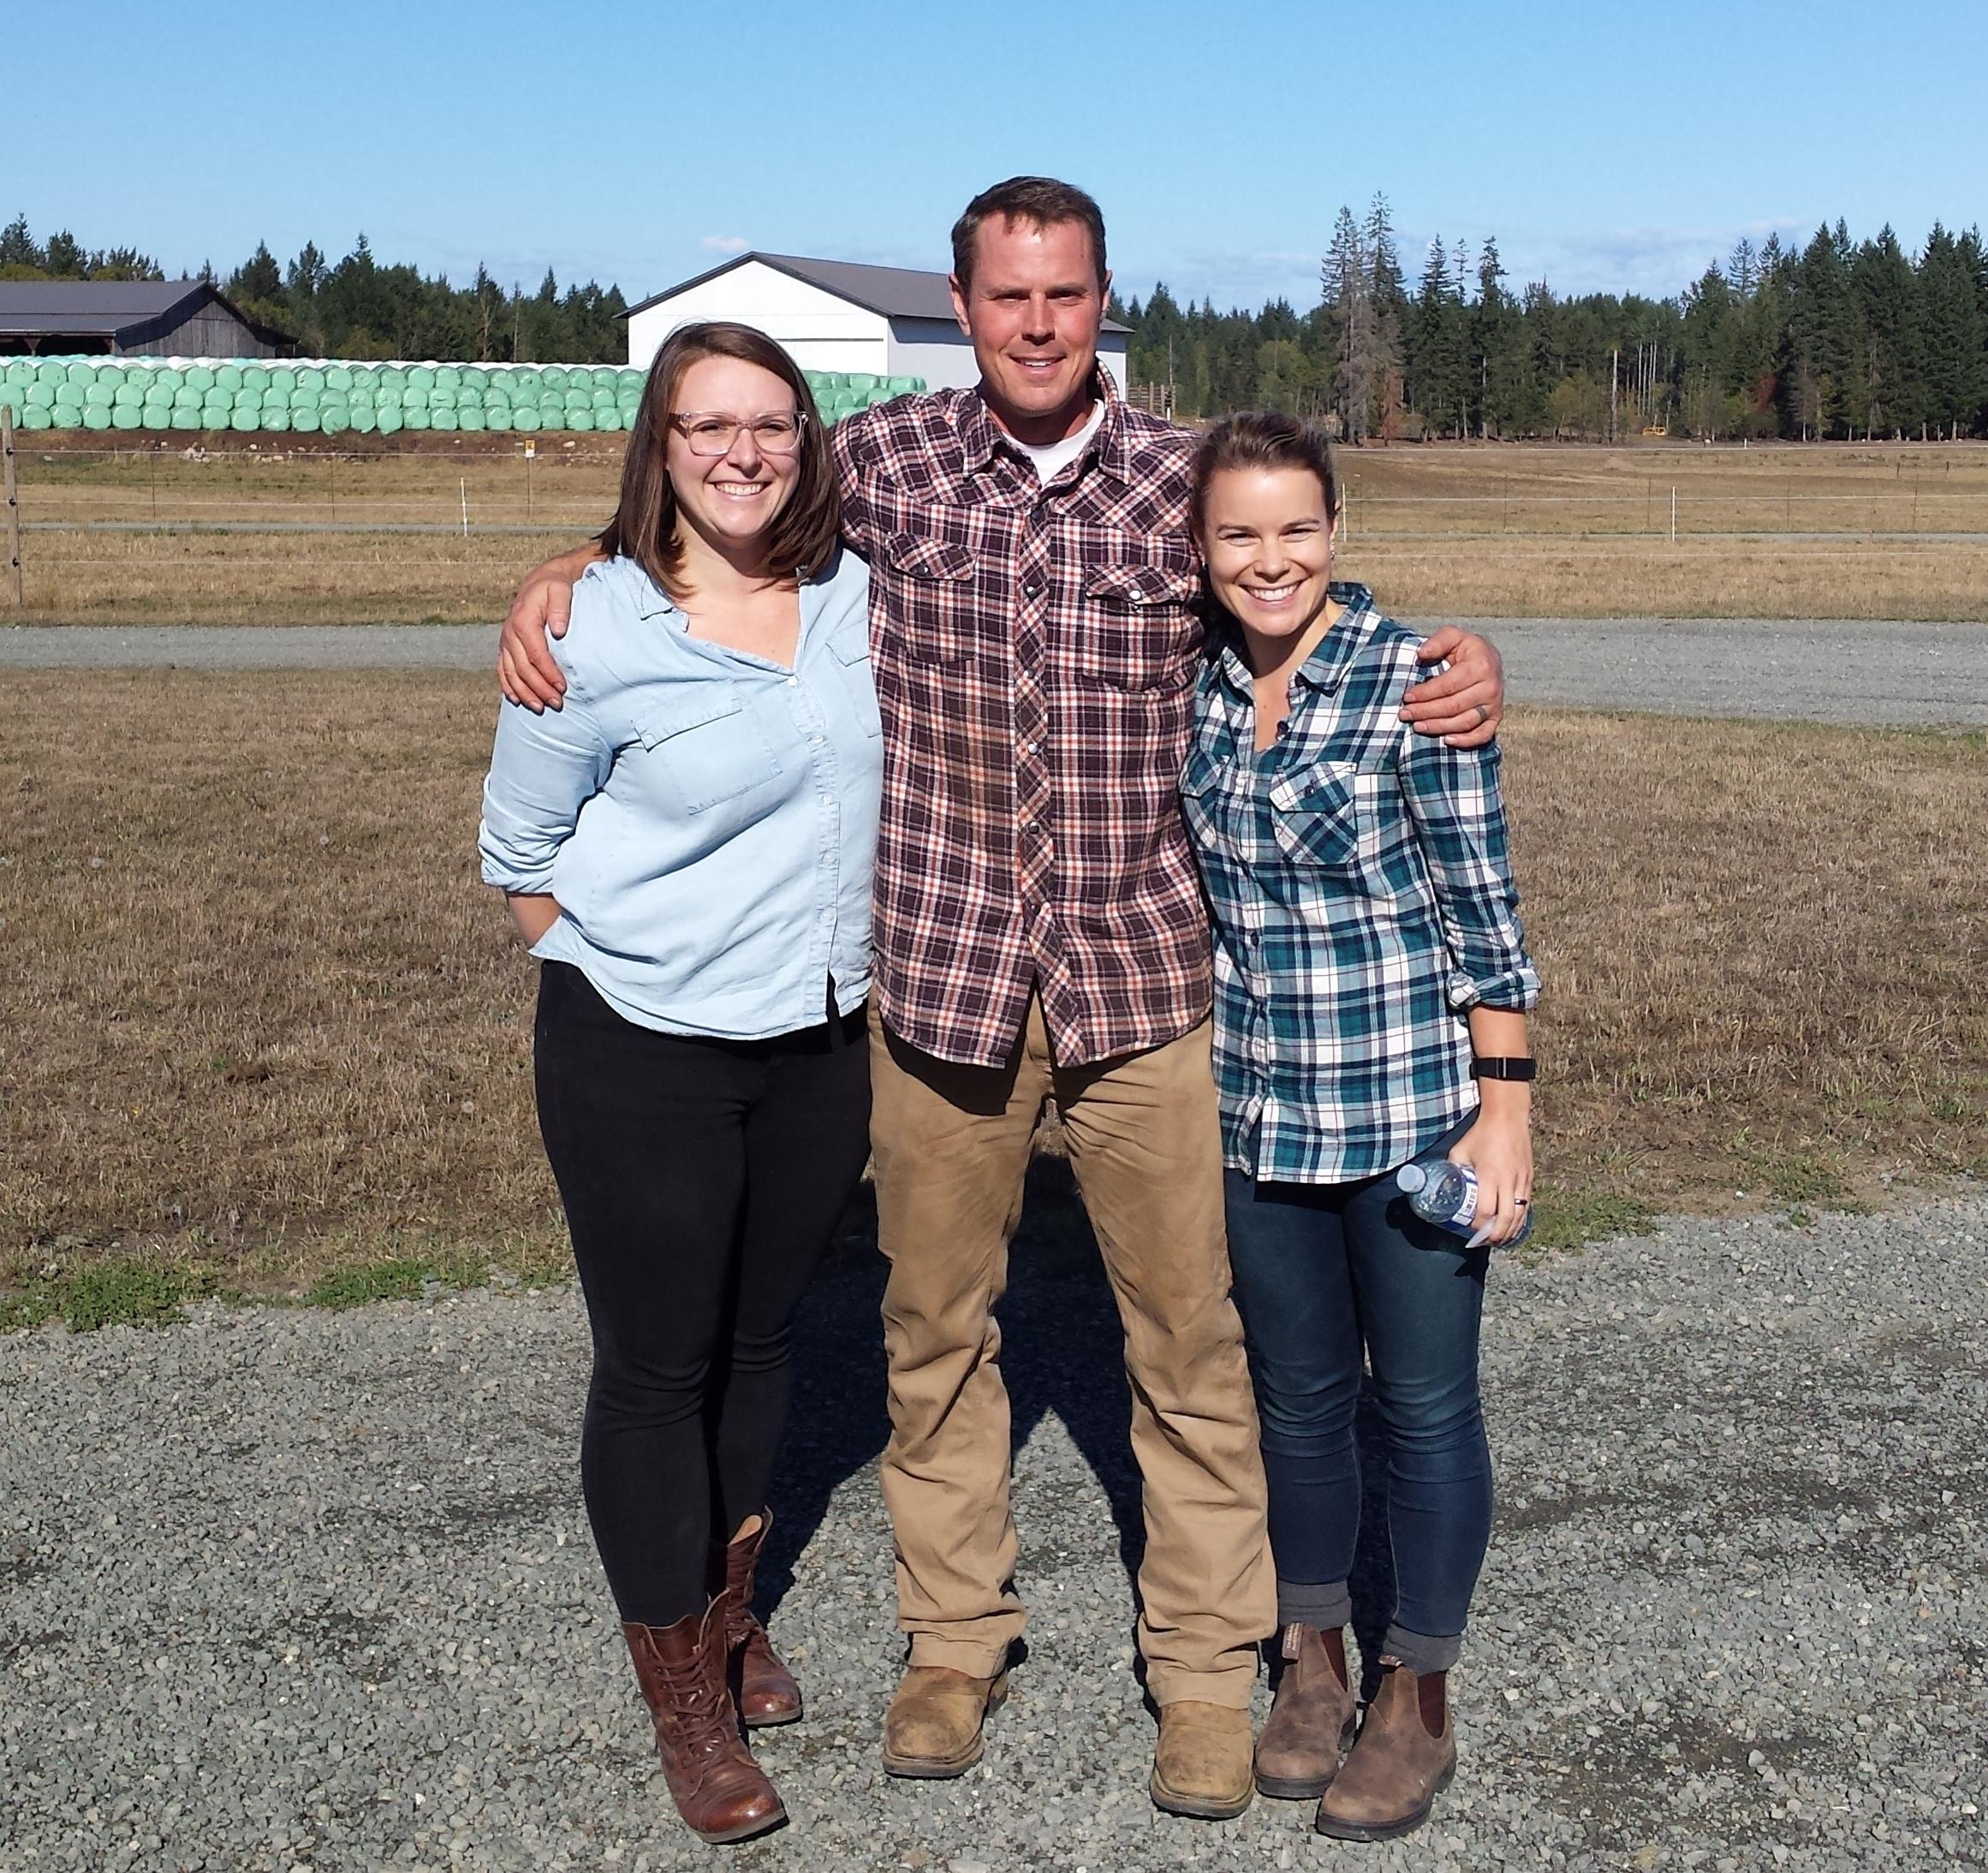 Elizabeth, Marc & I at Island Bison Ranch